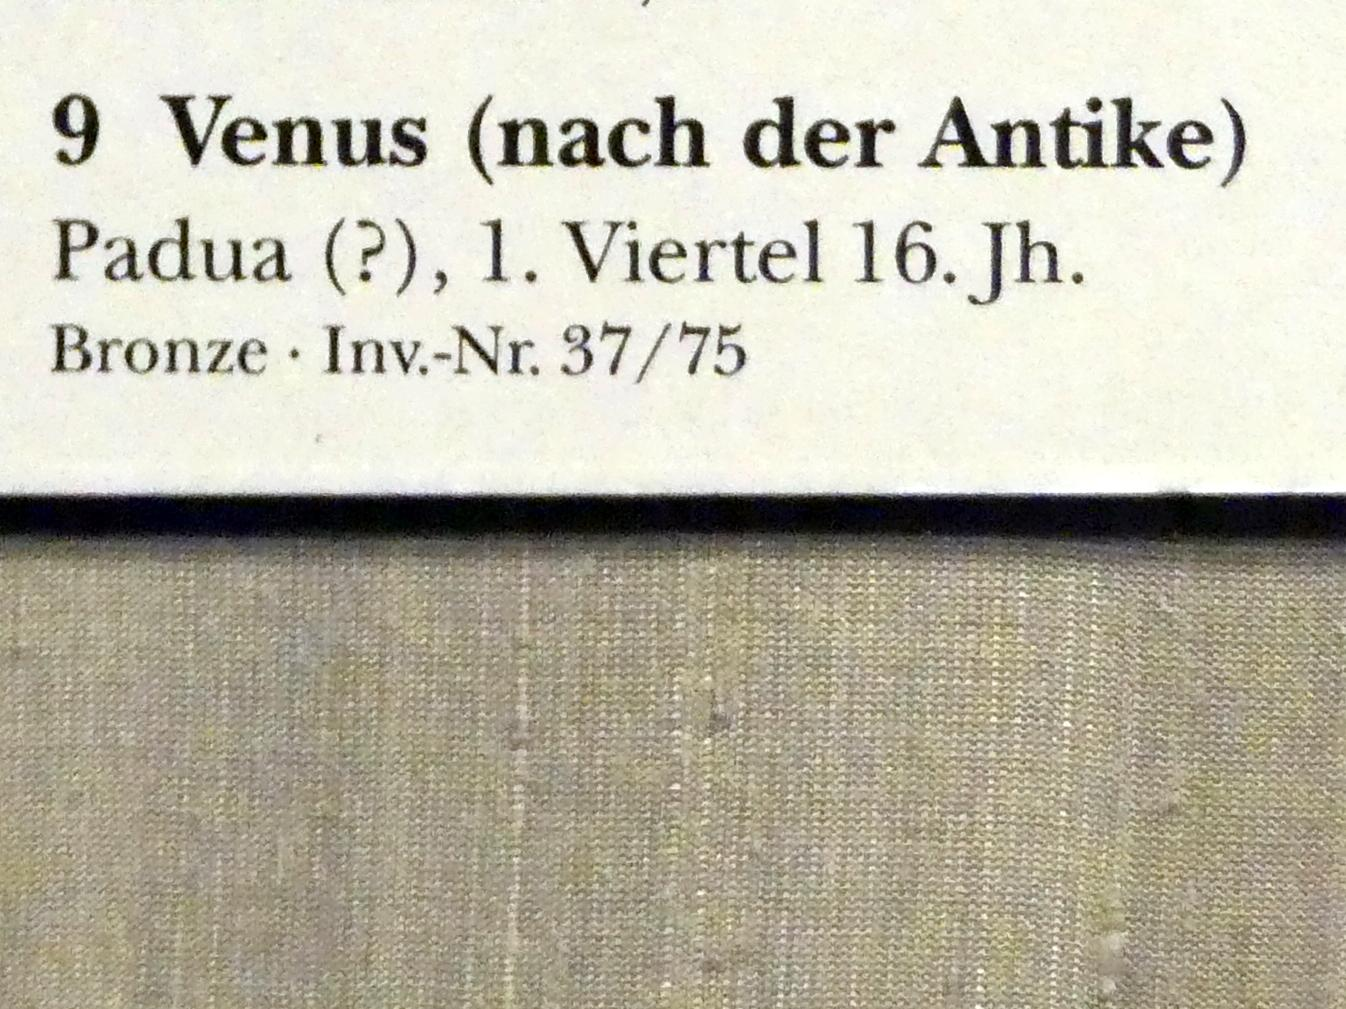 Venus, 1. Viertel 16. Jhd., Bild 2/2